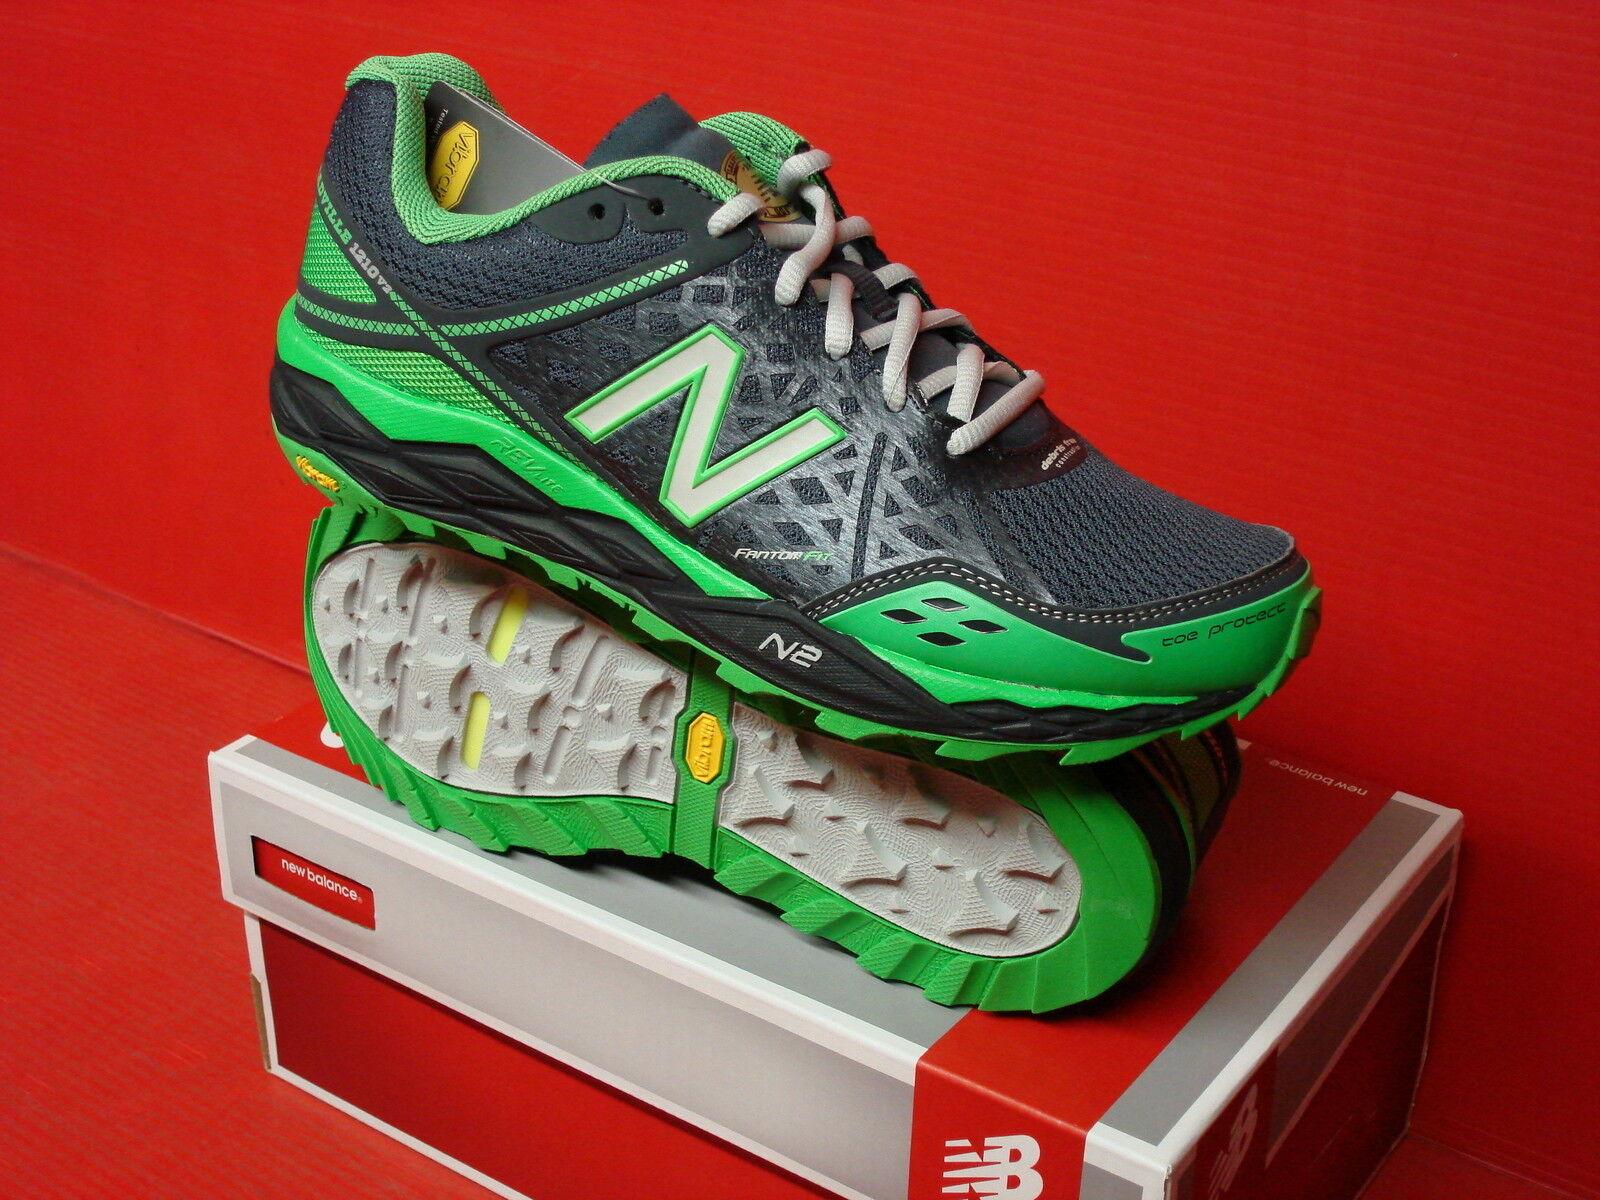 New balance 1260 hombres BB7-calzado para correr para hombres 1260 (2E), Trueno Azul/Negro c599c5